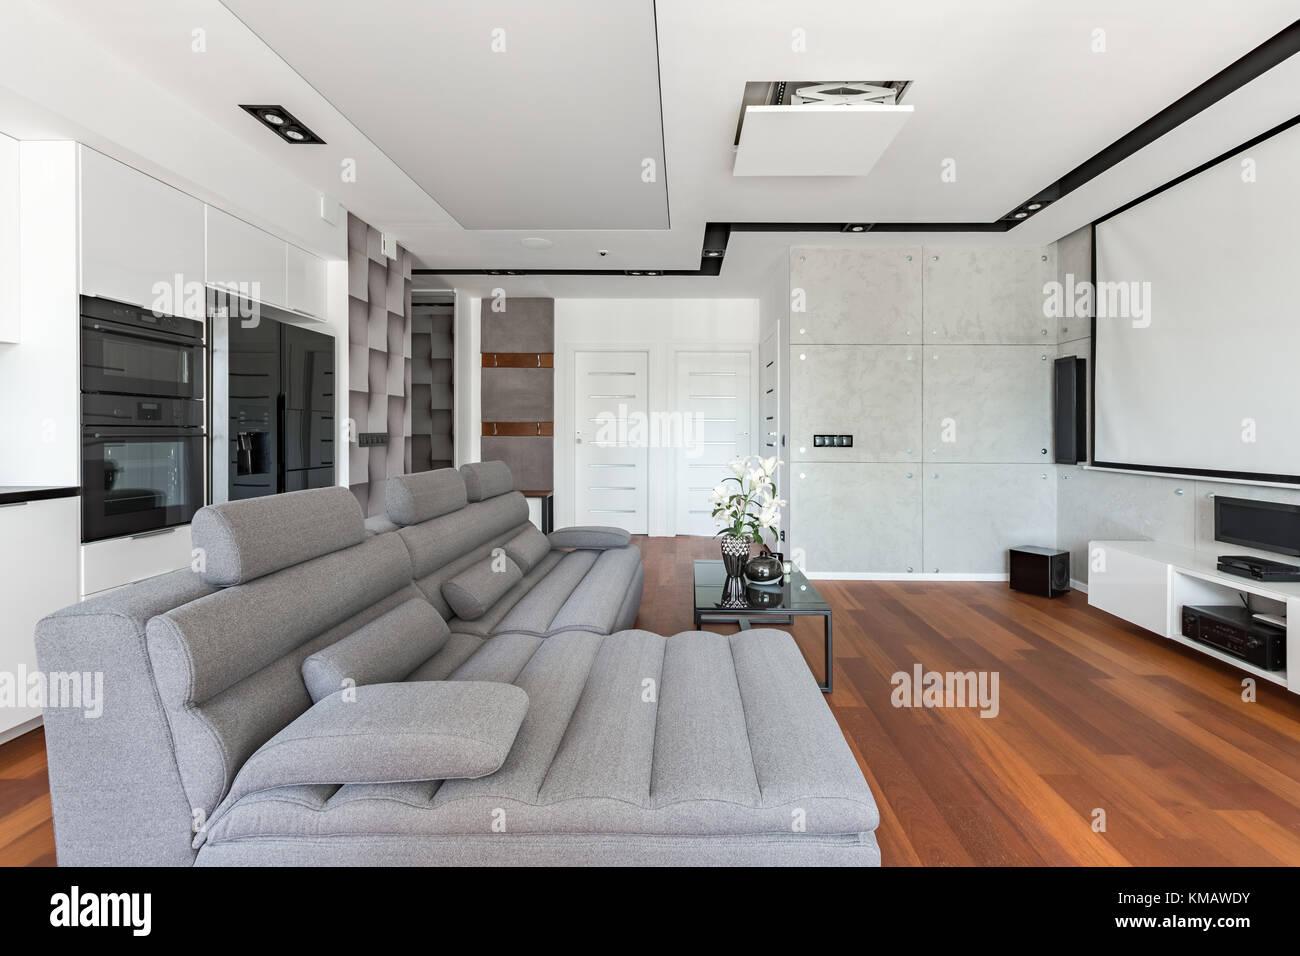 Soggiorno moderno con schermo proiettore, divano letto e angolo ...